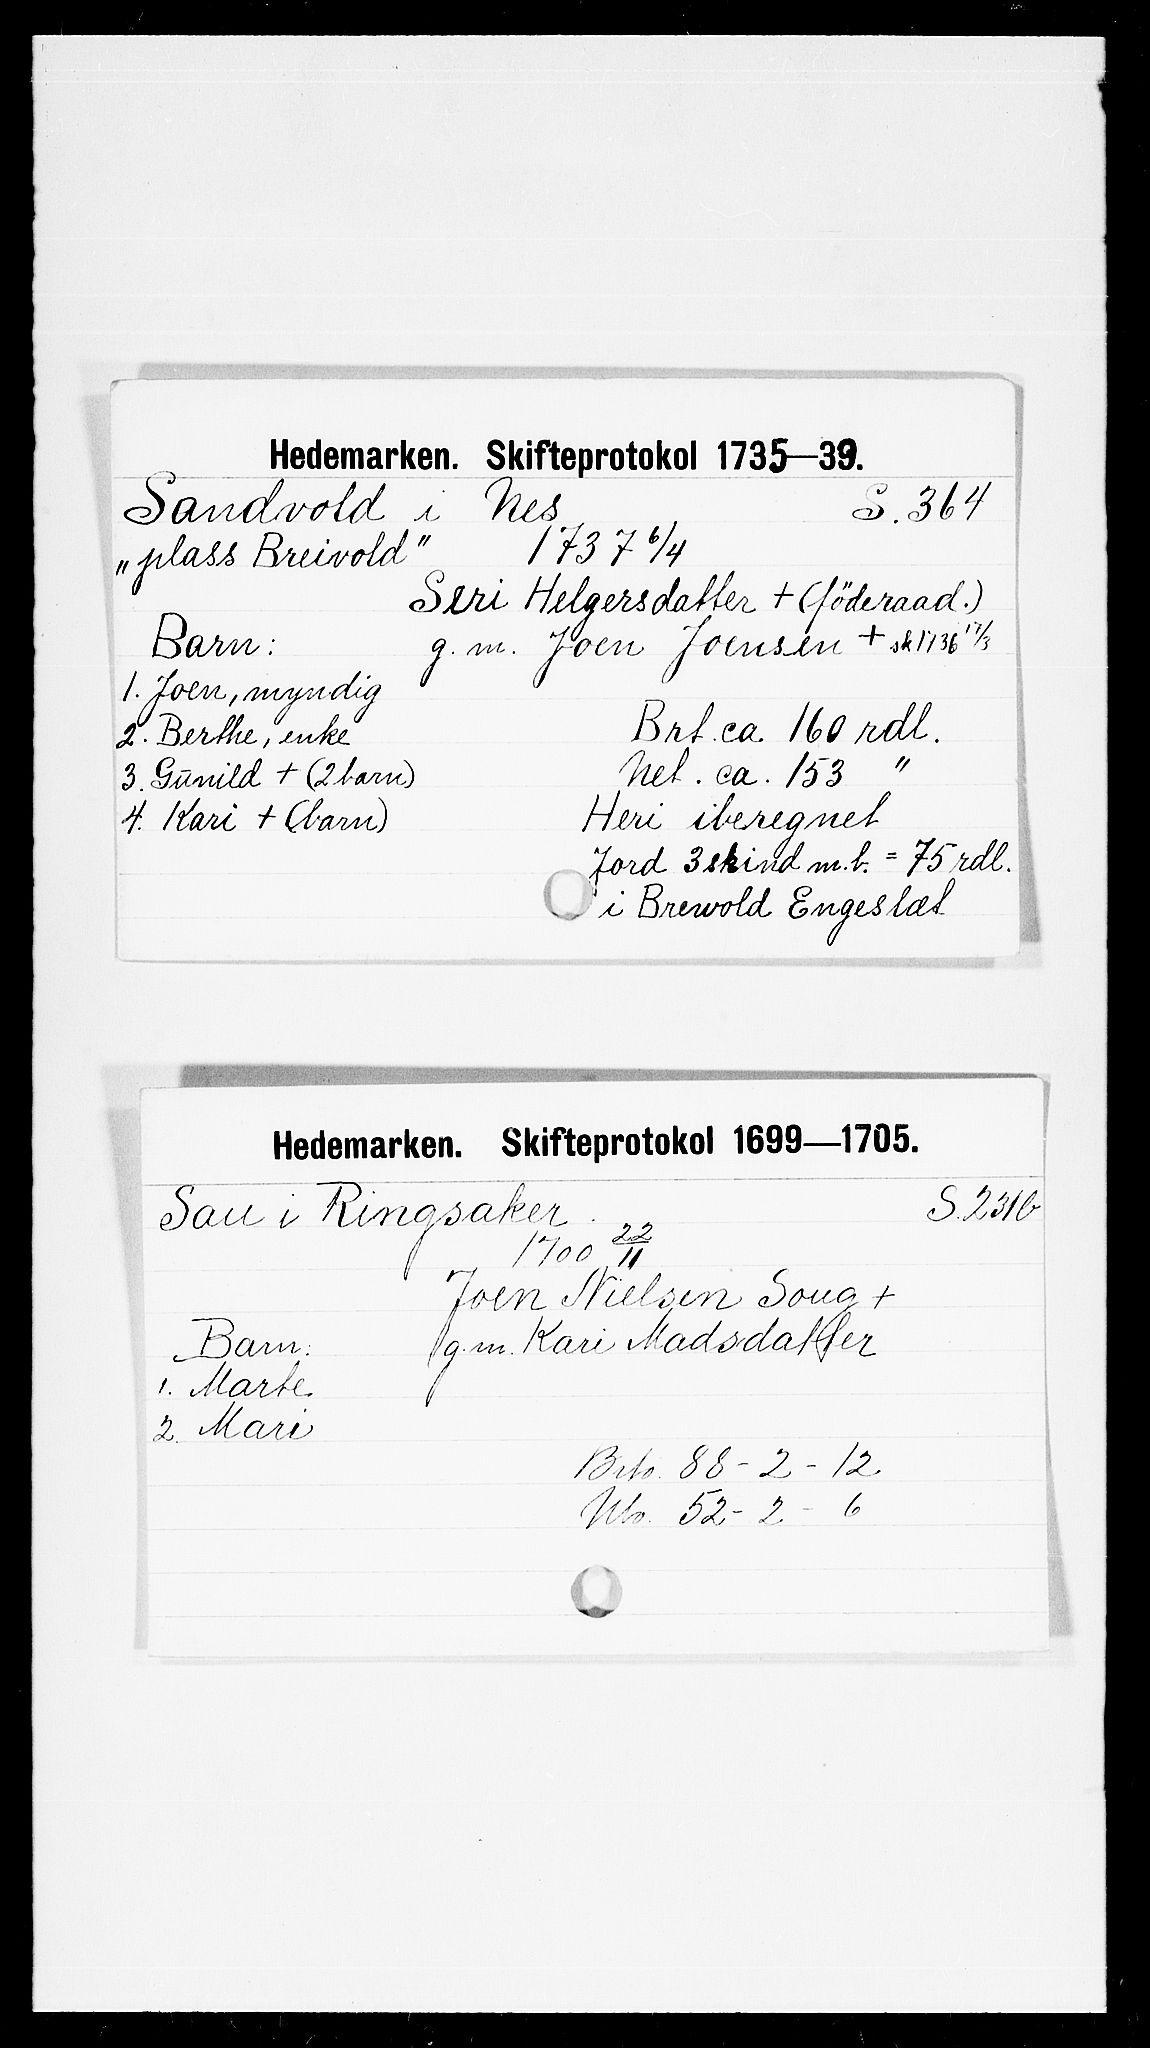 SAH, Hedemarken sorenskriveri, J, 1663-1743, s. 5387